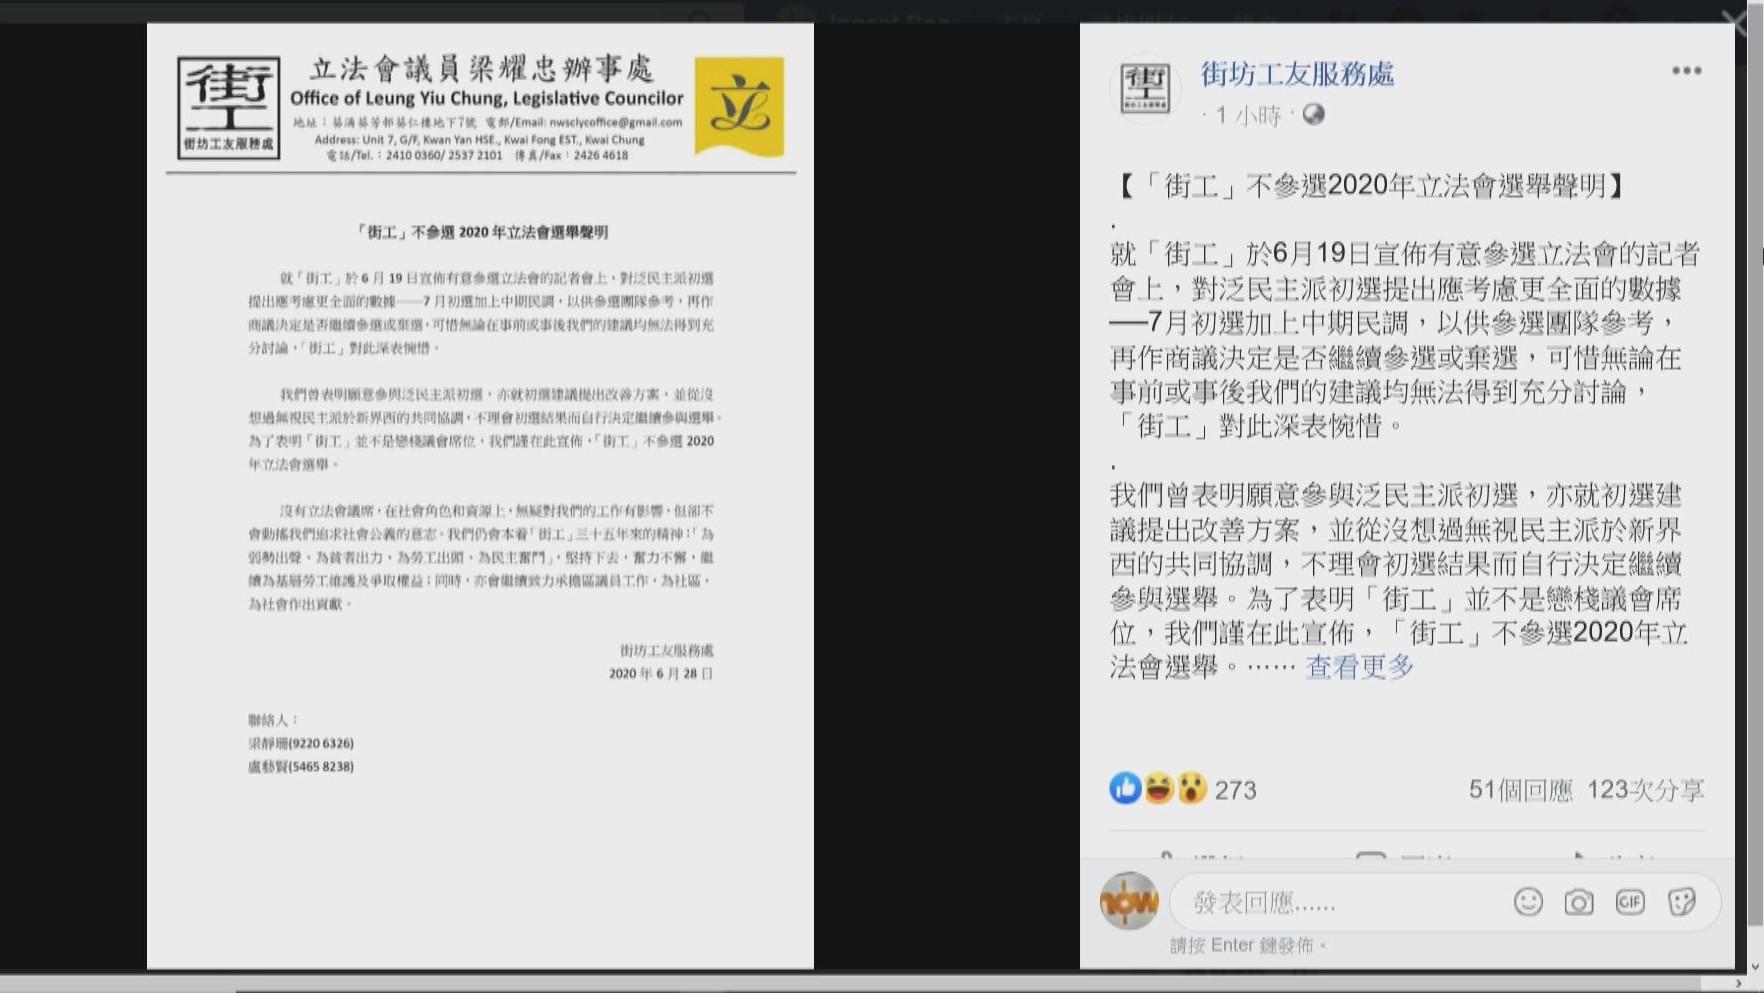 街工宣布不參加立法會選舉